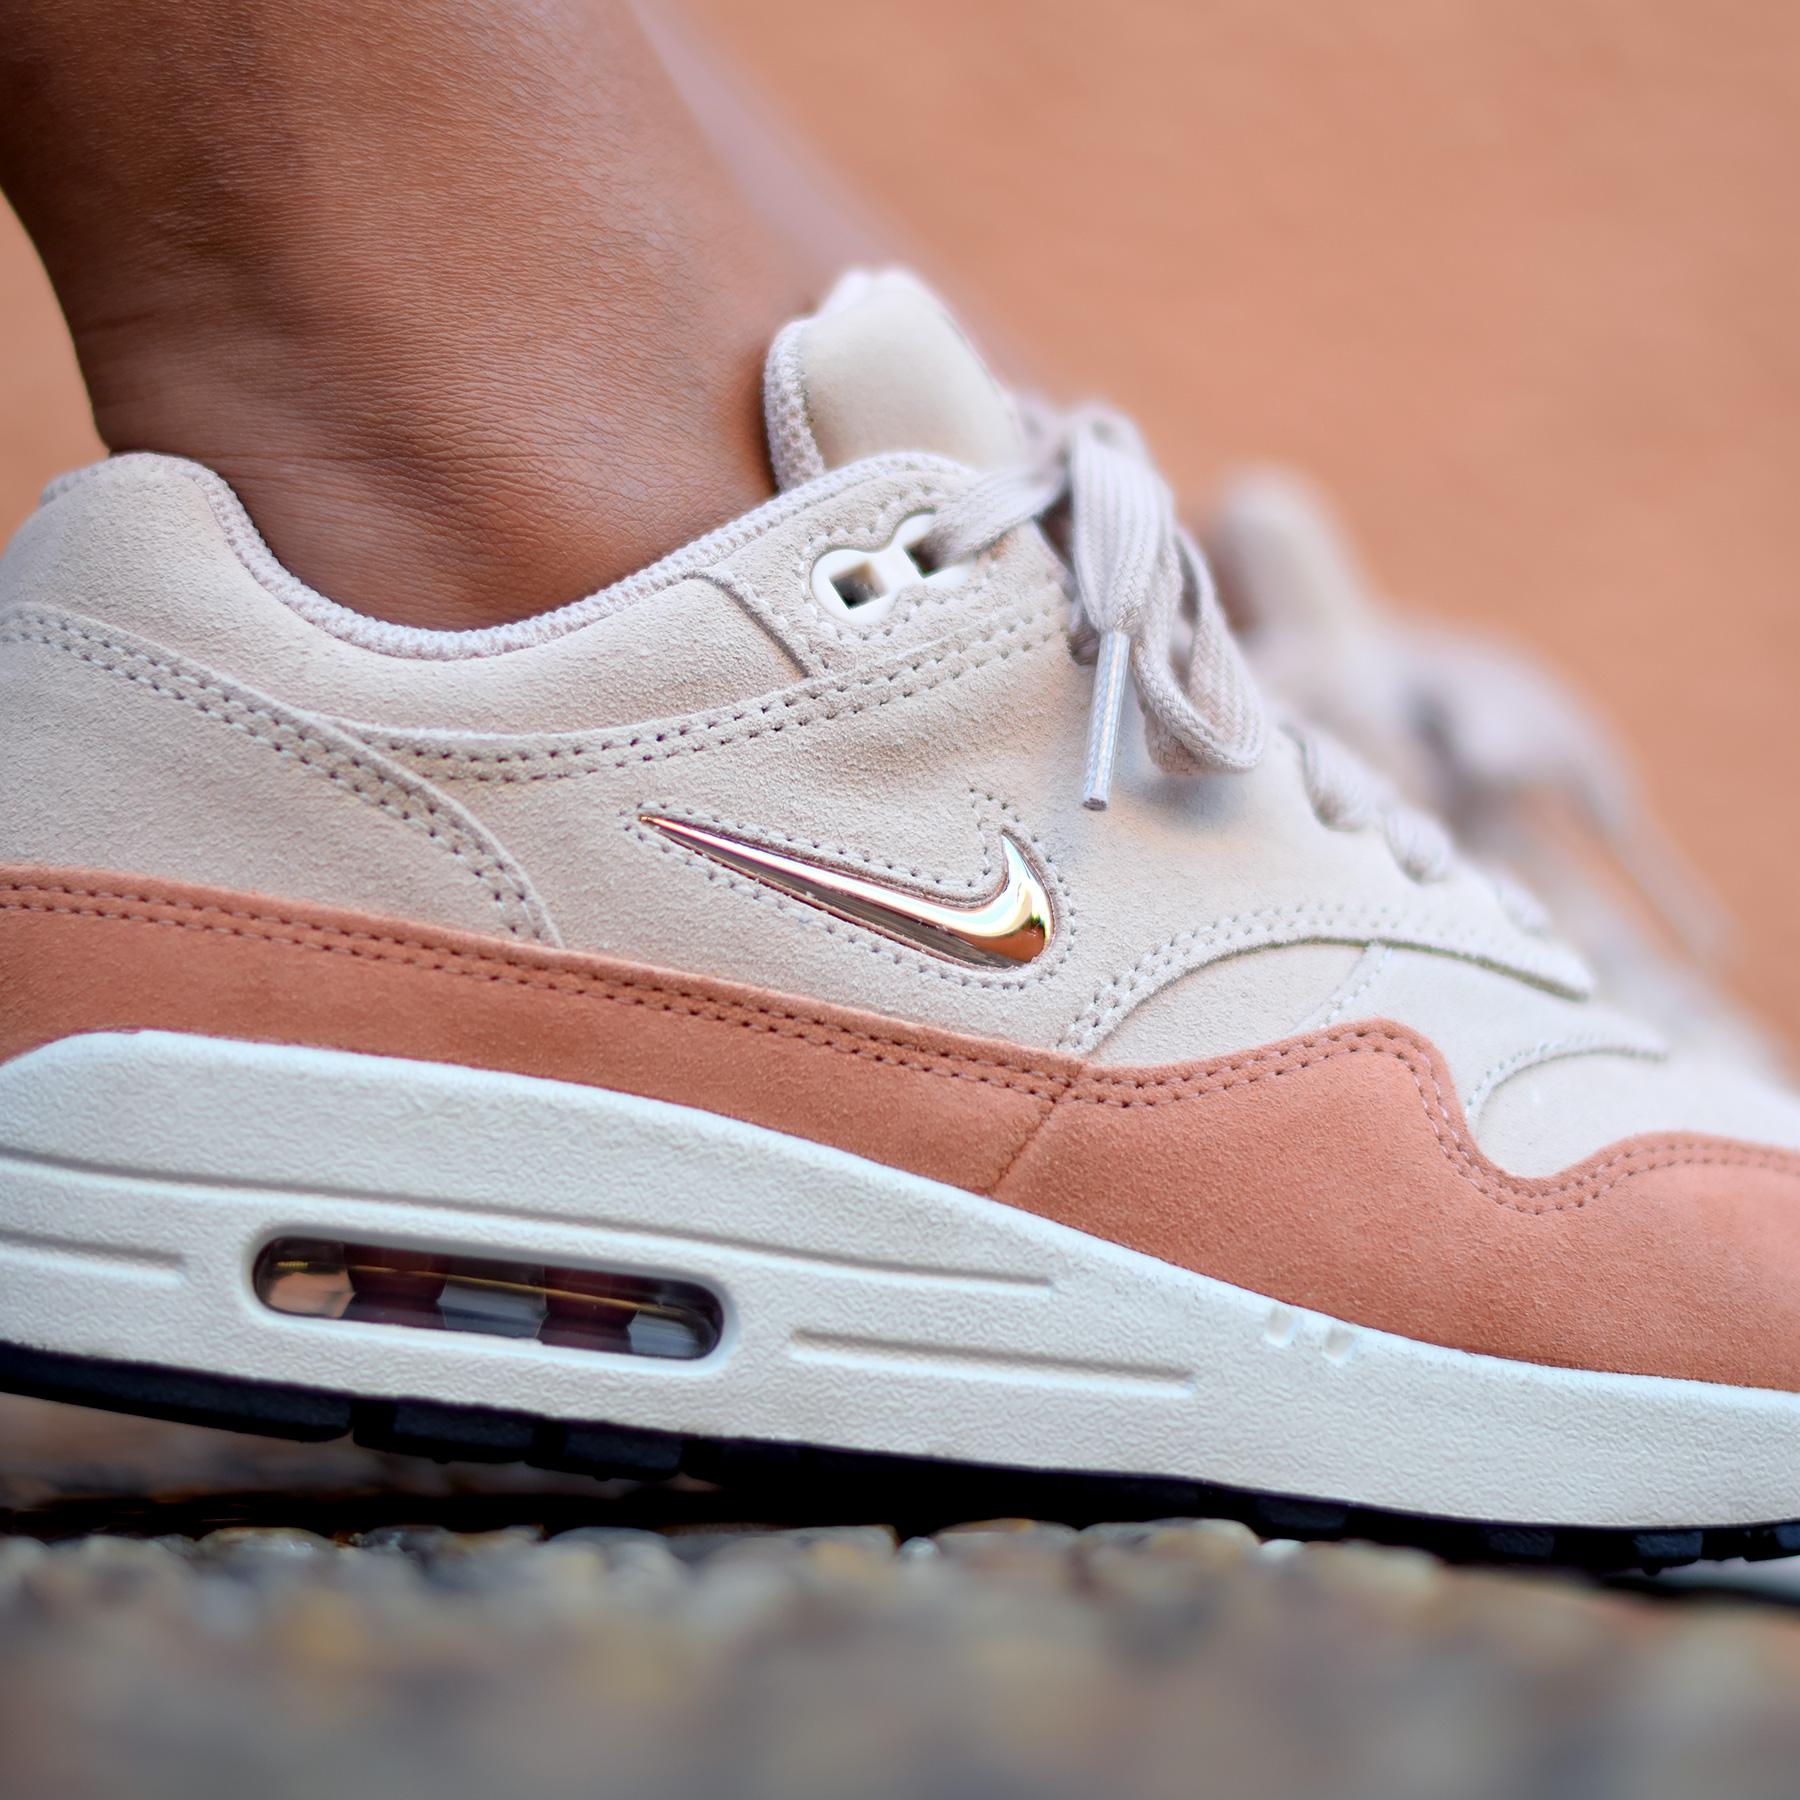 Nike Air Max 1 Jewel Premium - Sneakers.fr